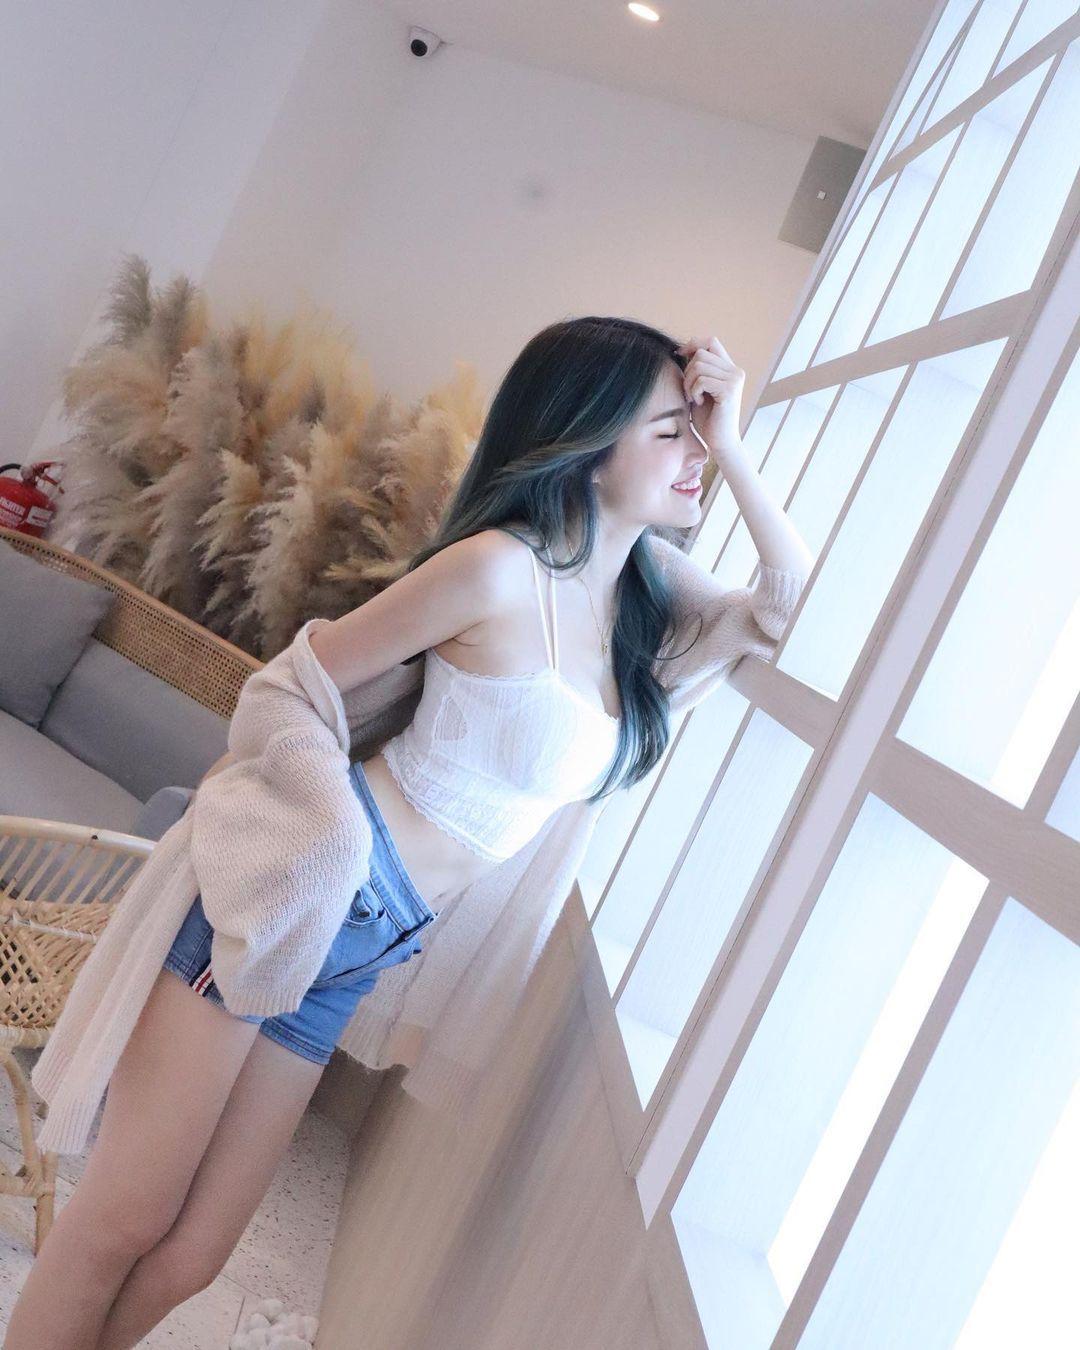 [正妹]清凉一下马来西亚网红[Fedora粉朵拉]轻薄衣物露出白皙肌肤 养眼图片 第5张